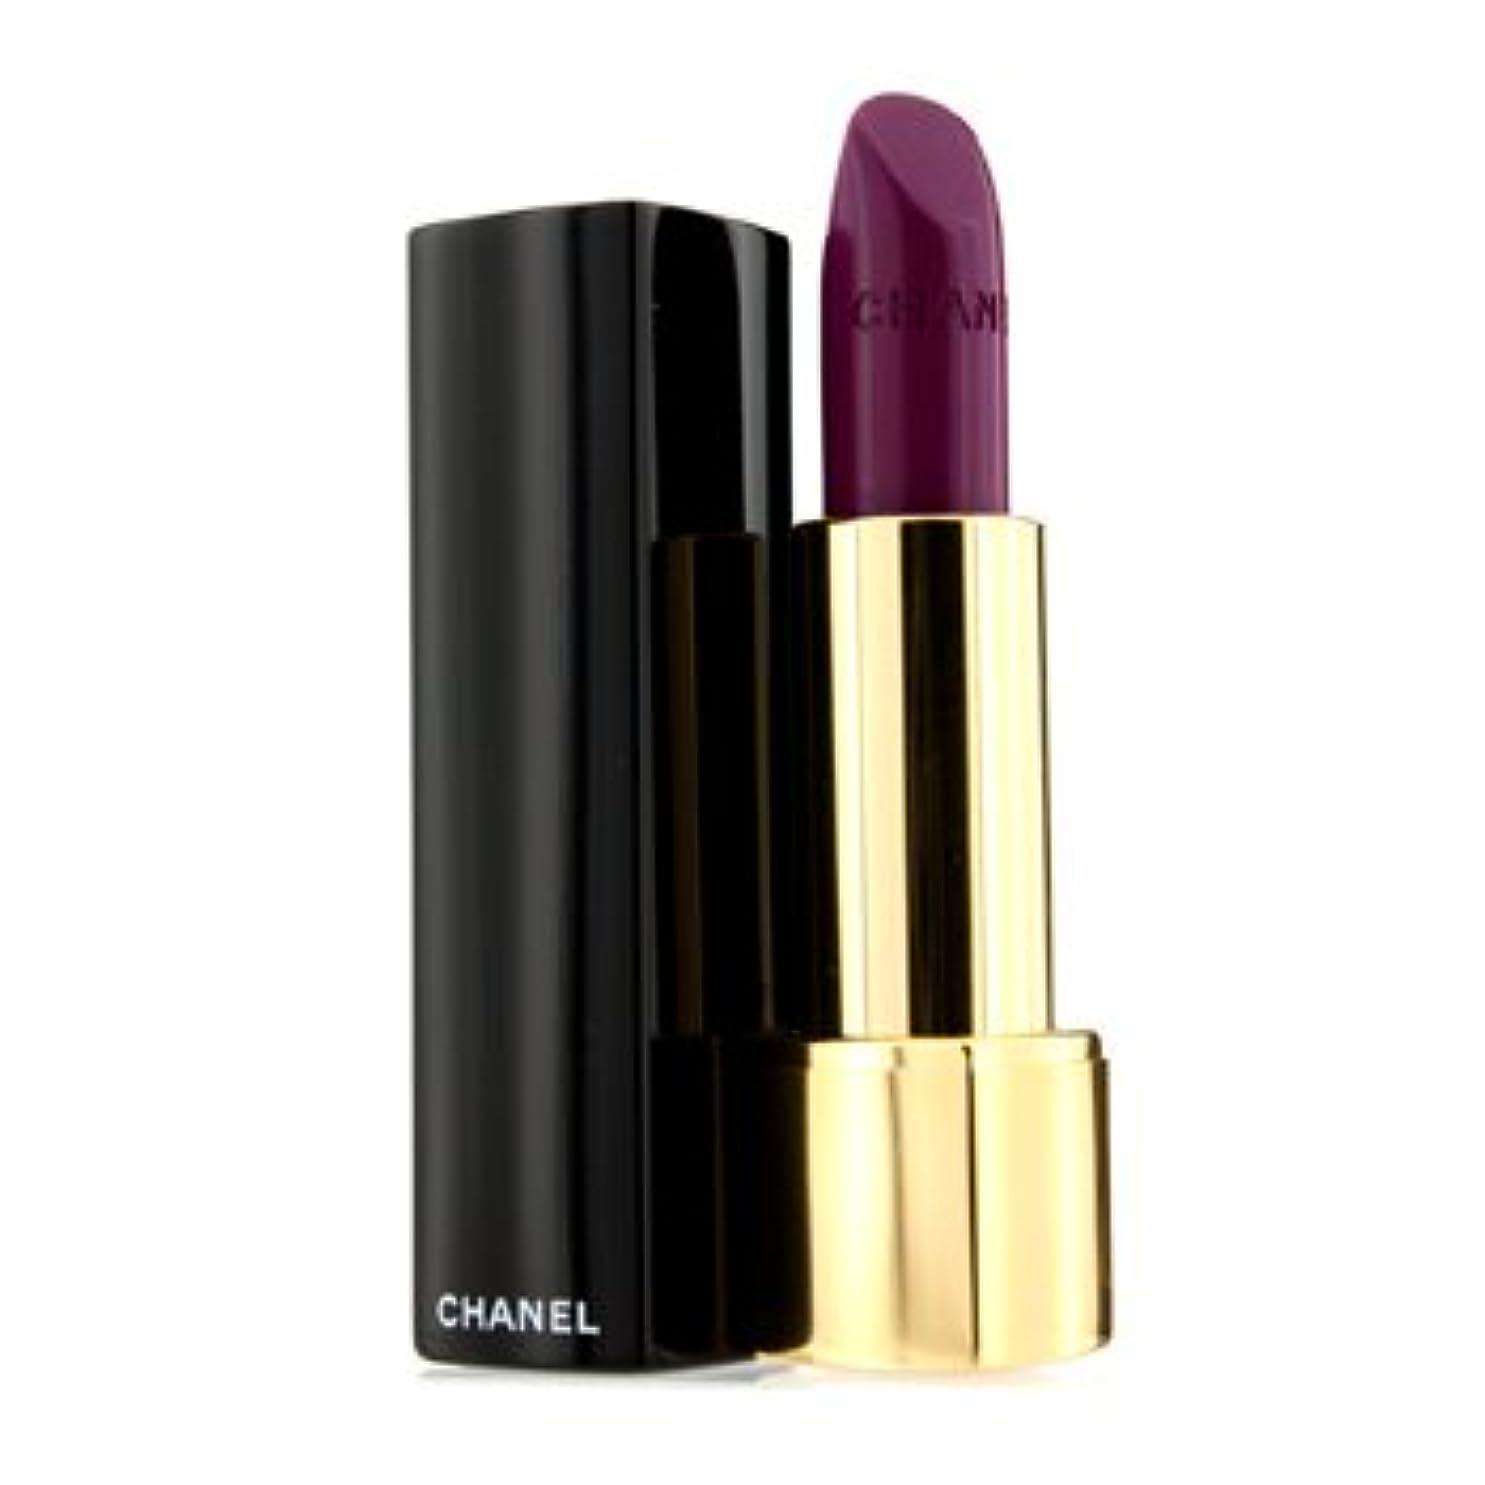 精査から聞く効率[Estee Lauder] Pure Color Envy Sculpting Lipstick - # 430 Dominant 3.5g/0.12oz